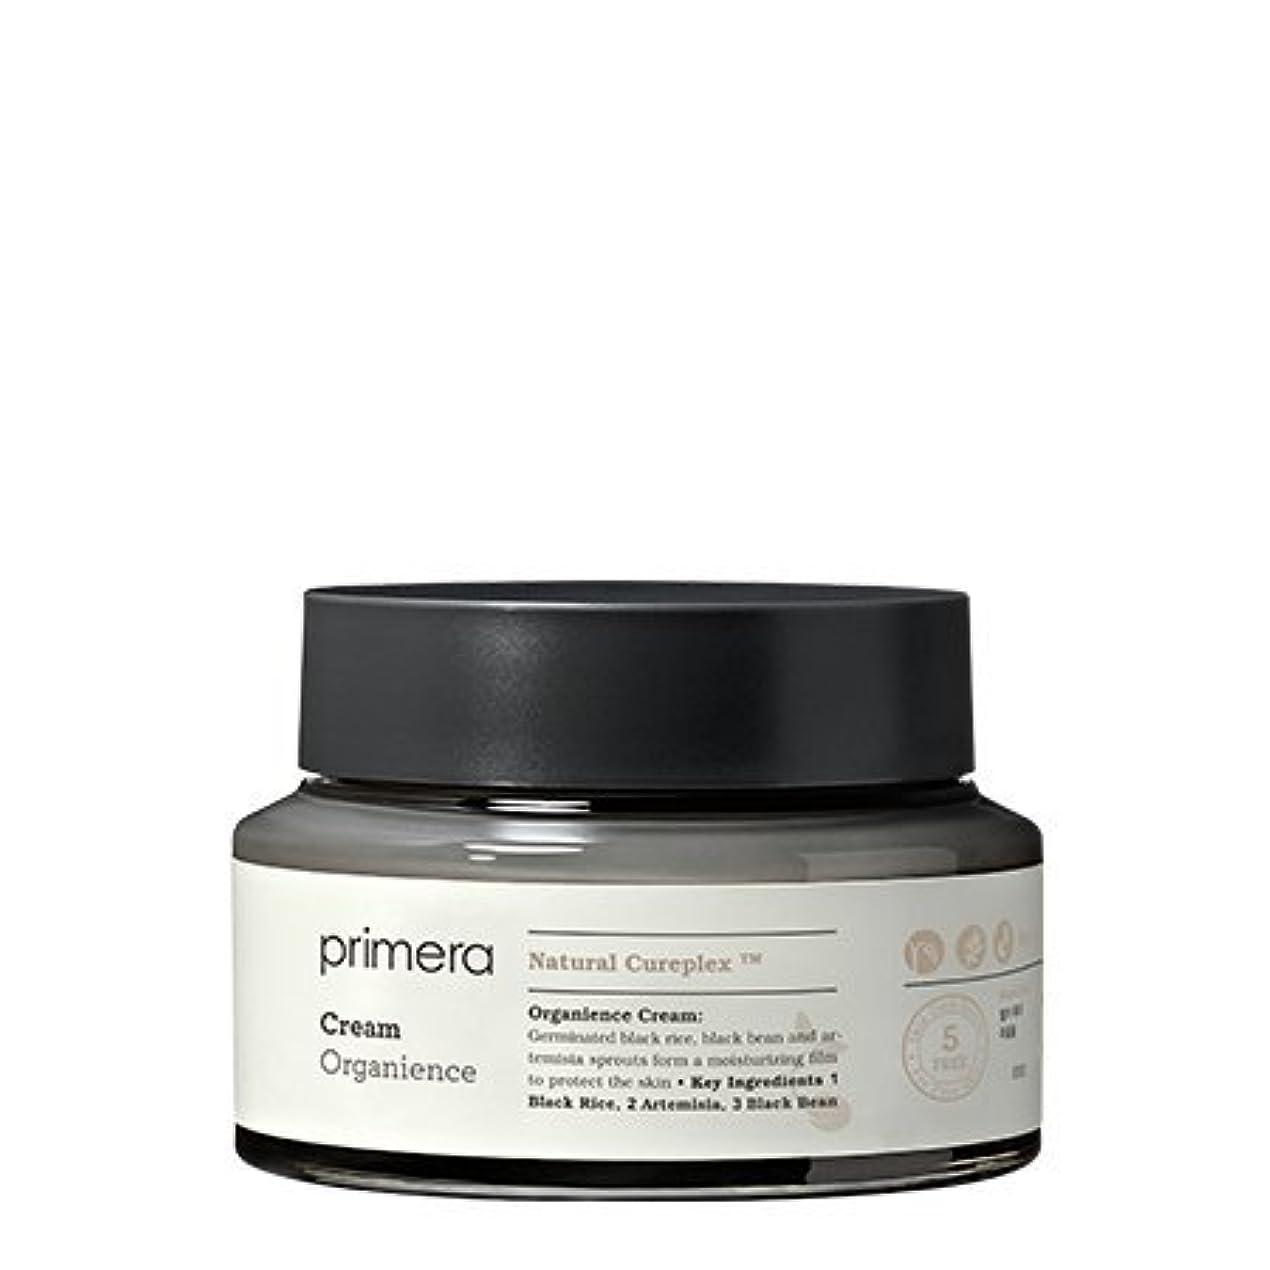 ご意見リングこどもセンター【Primera】Organience Cream - 30ml (韓国直送品) (SHOPPINGINSTAGRAM)